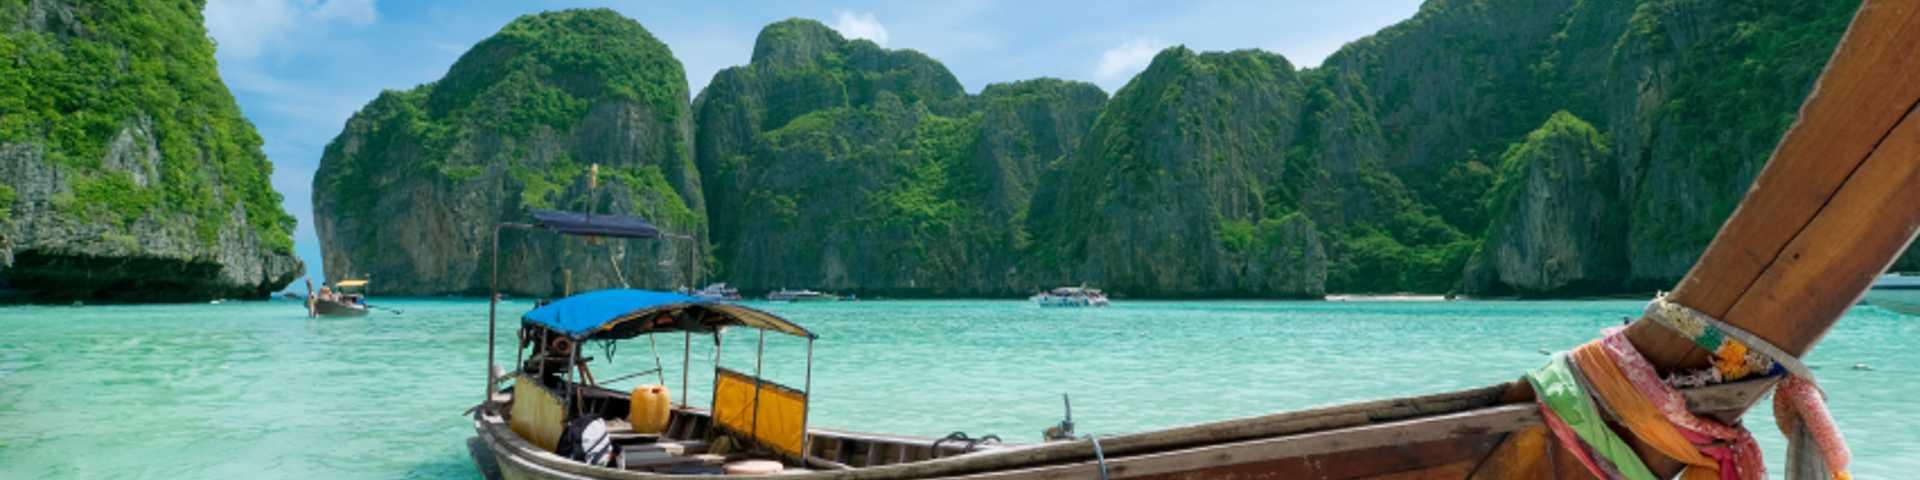 Best Hostels in Phuket